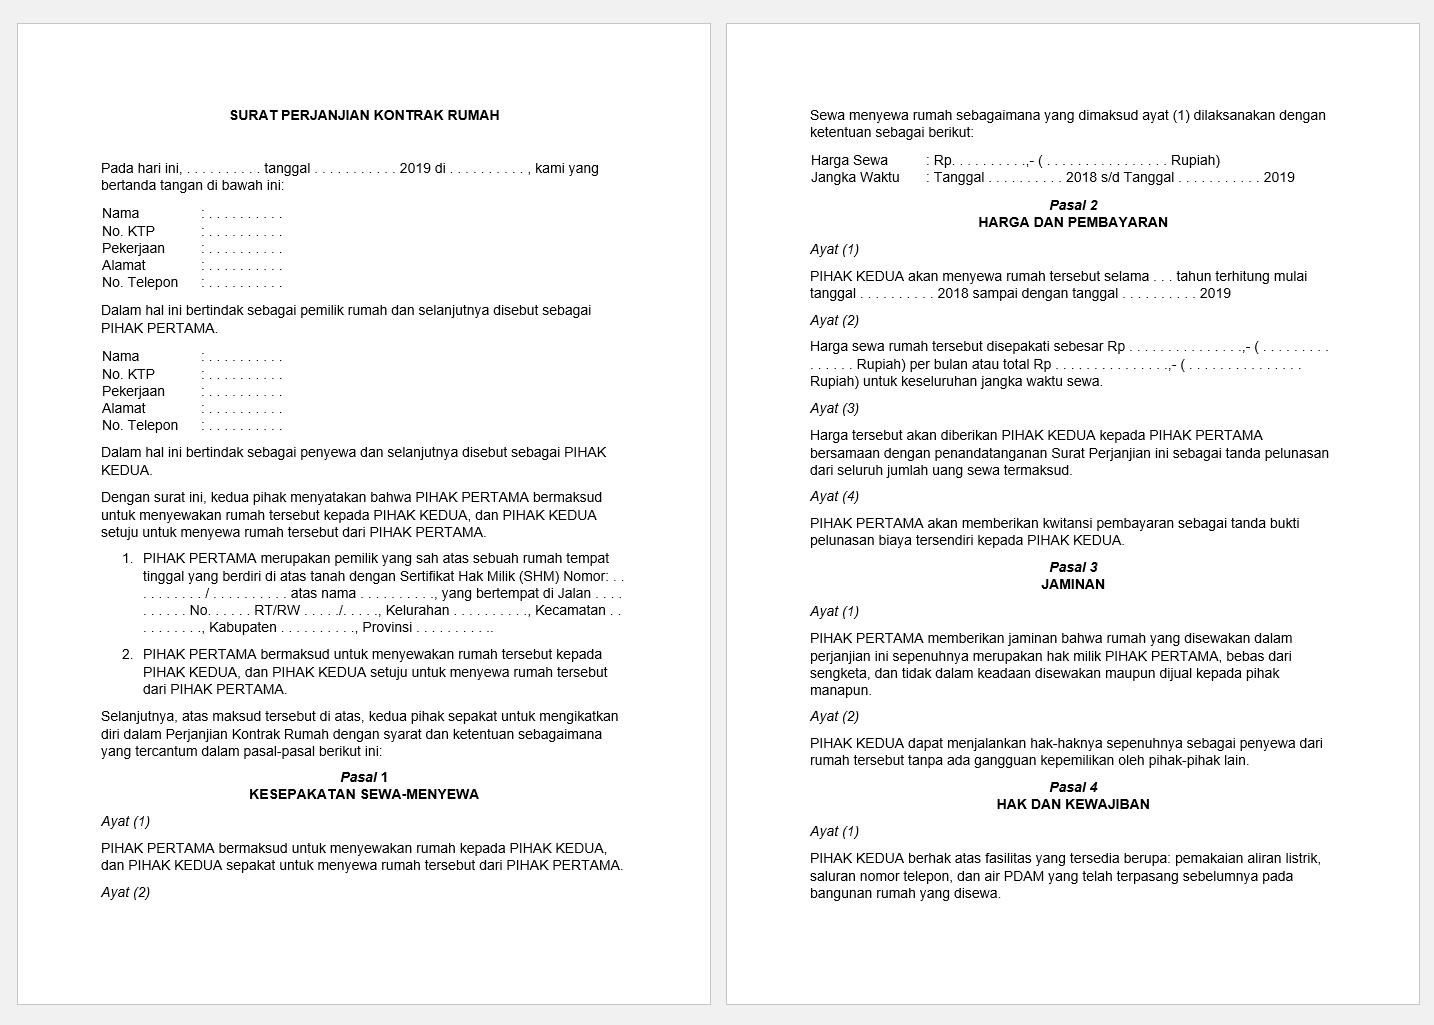 surat perjanjian kontrak rumah doc